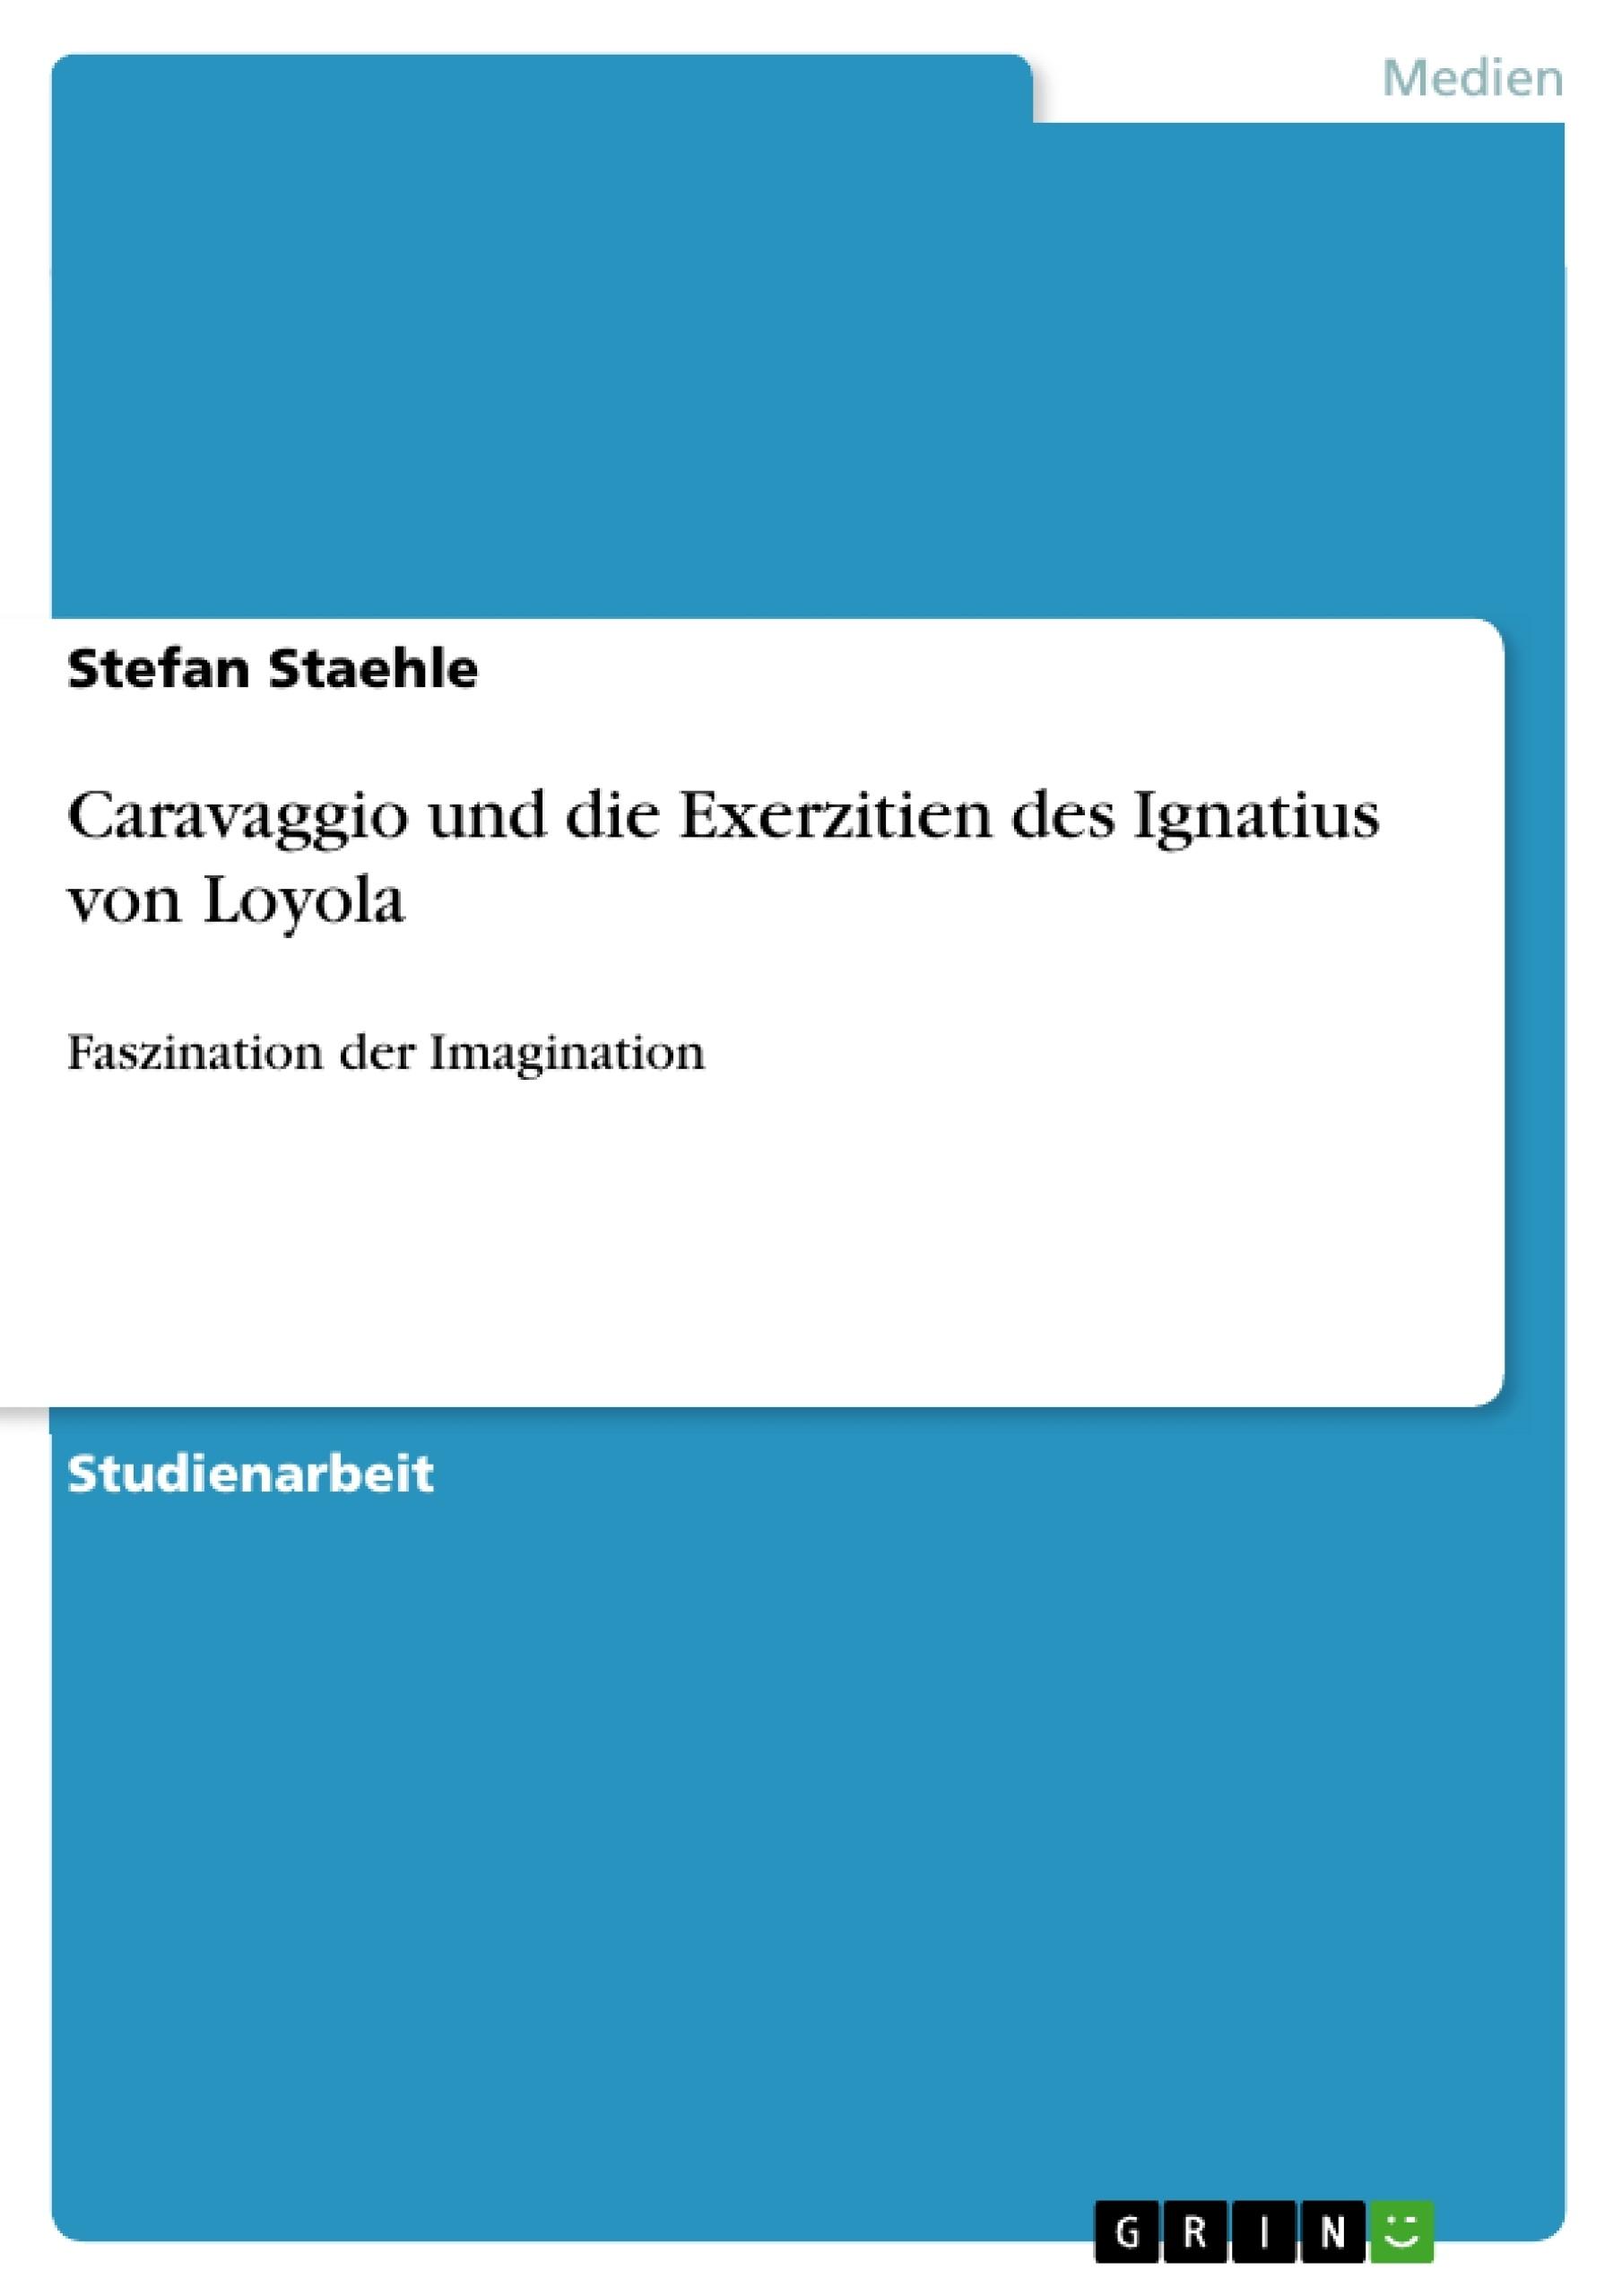 Titel: Caravaggio und die Exerzitien des Ignatius von Loyola